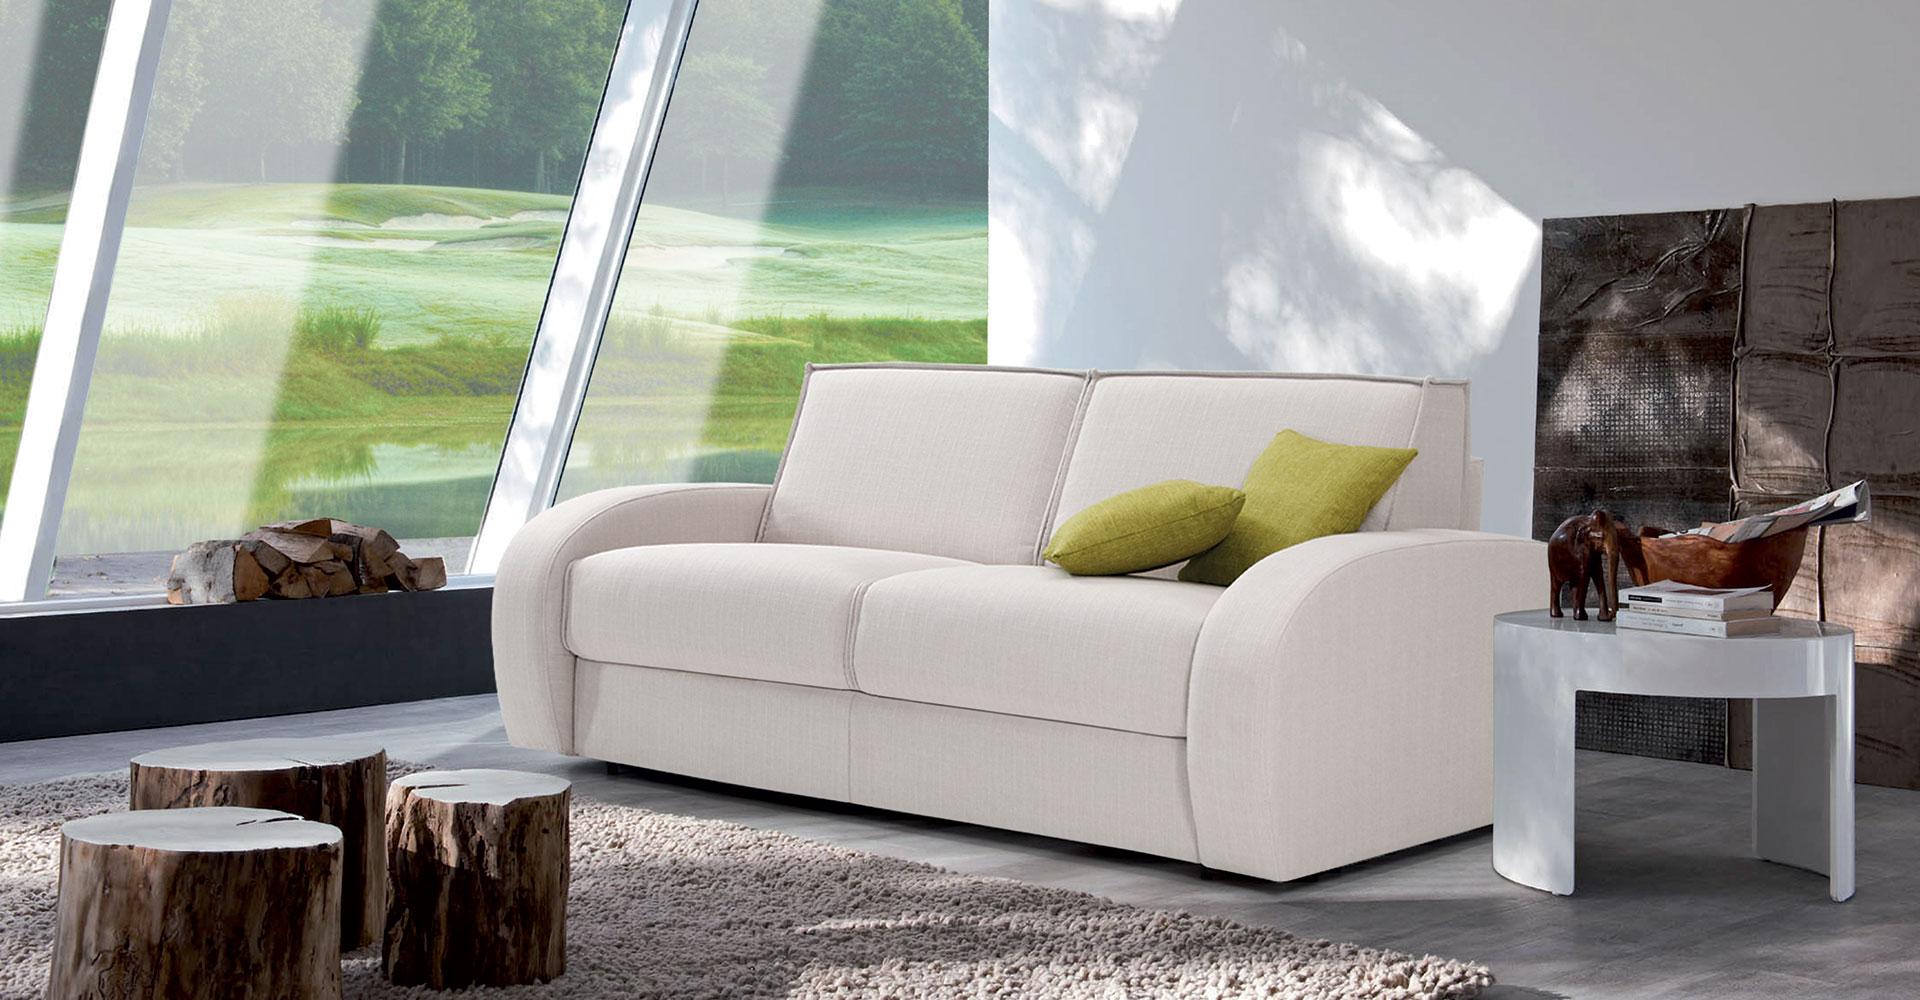 Fabbrica divani catania divano mod joker sx with fabbrica - Semeraro divani letto ...